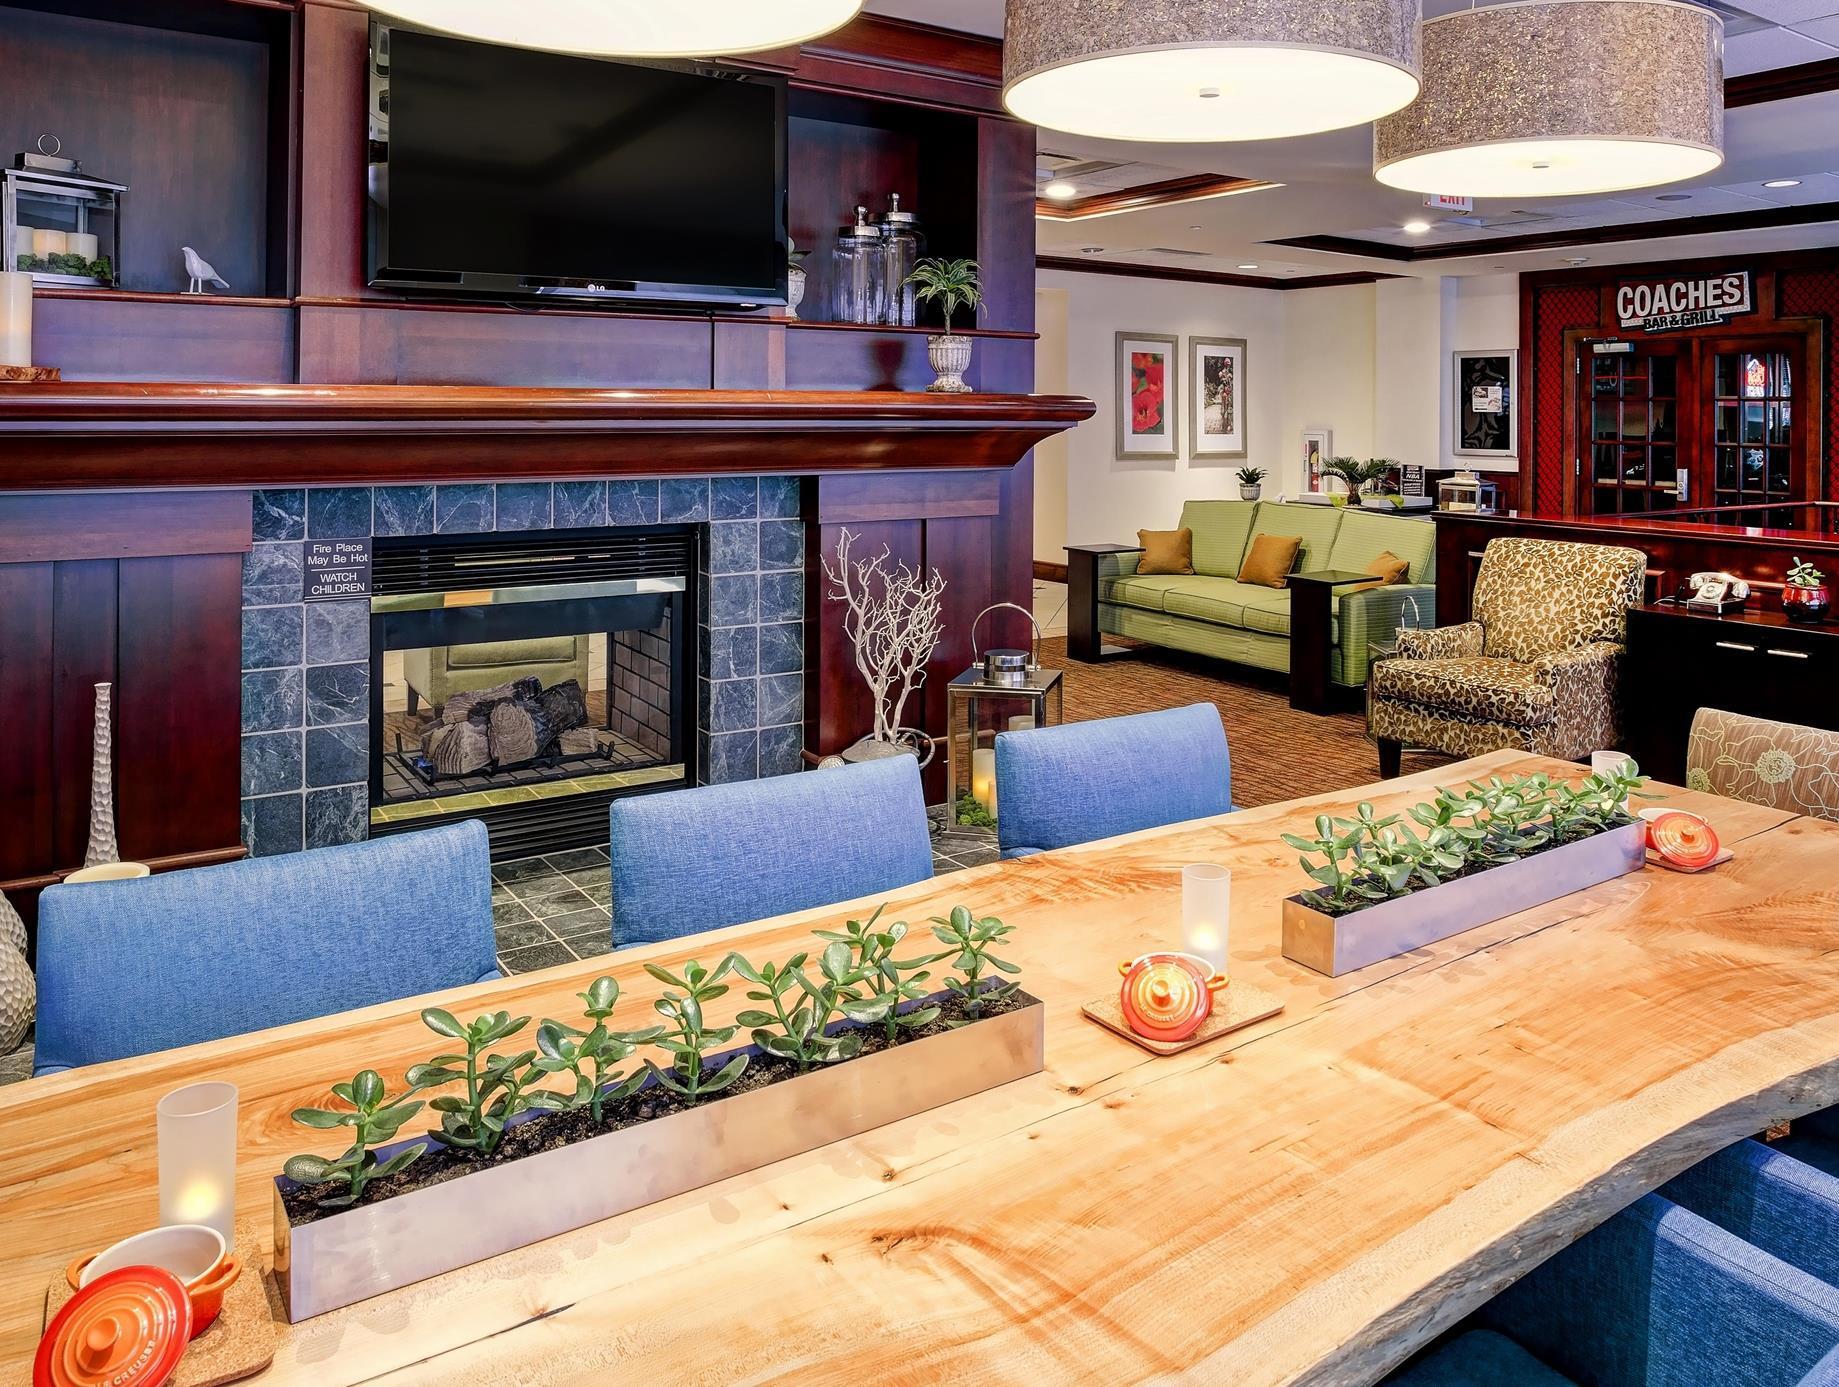 More About Hilton Garden Inn Bloomington Hotel